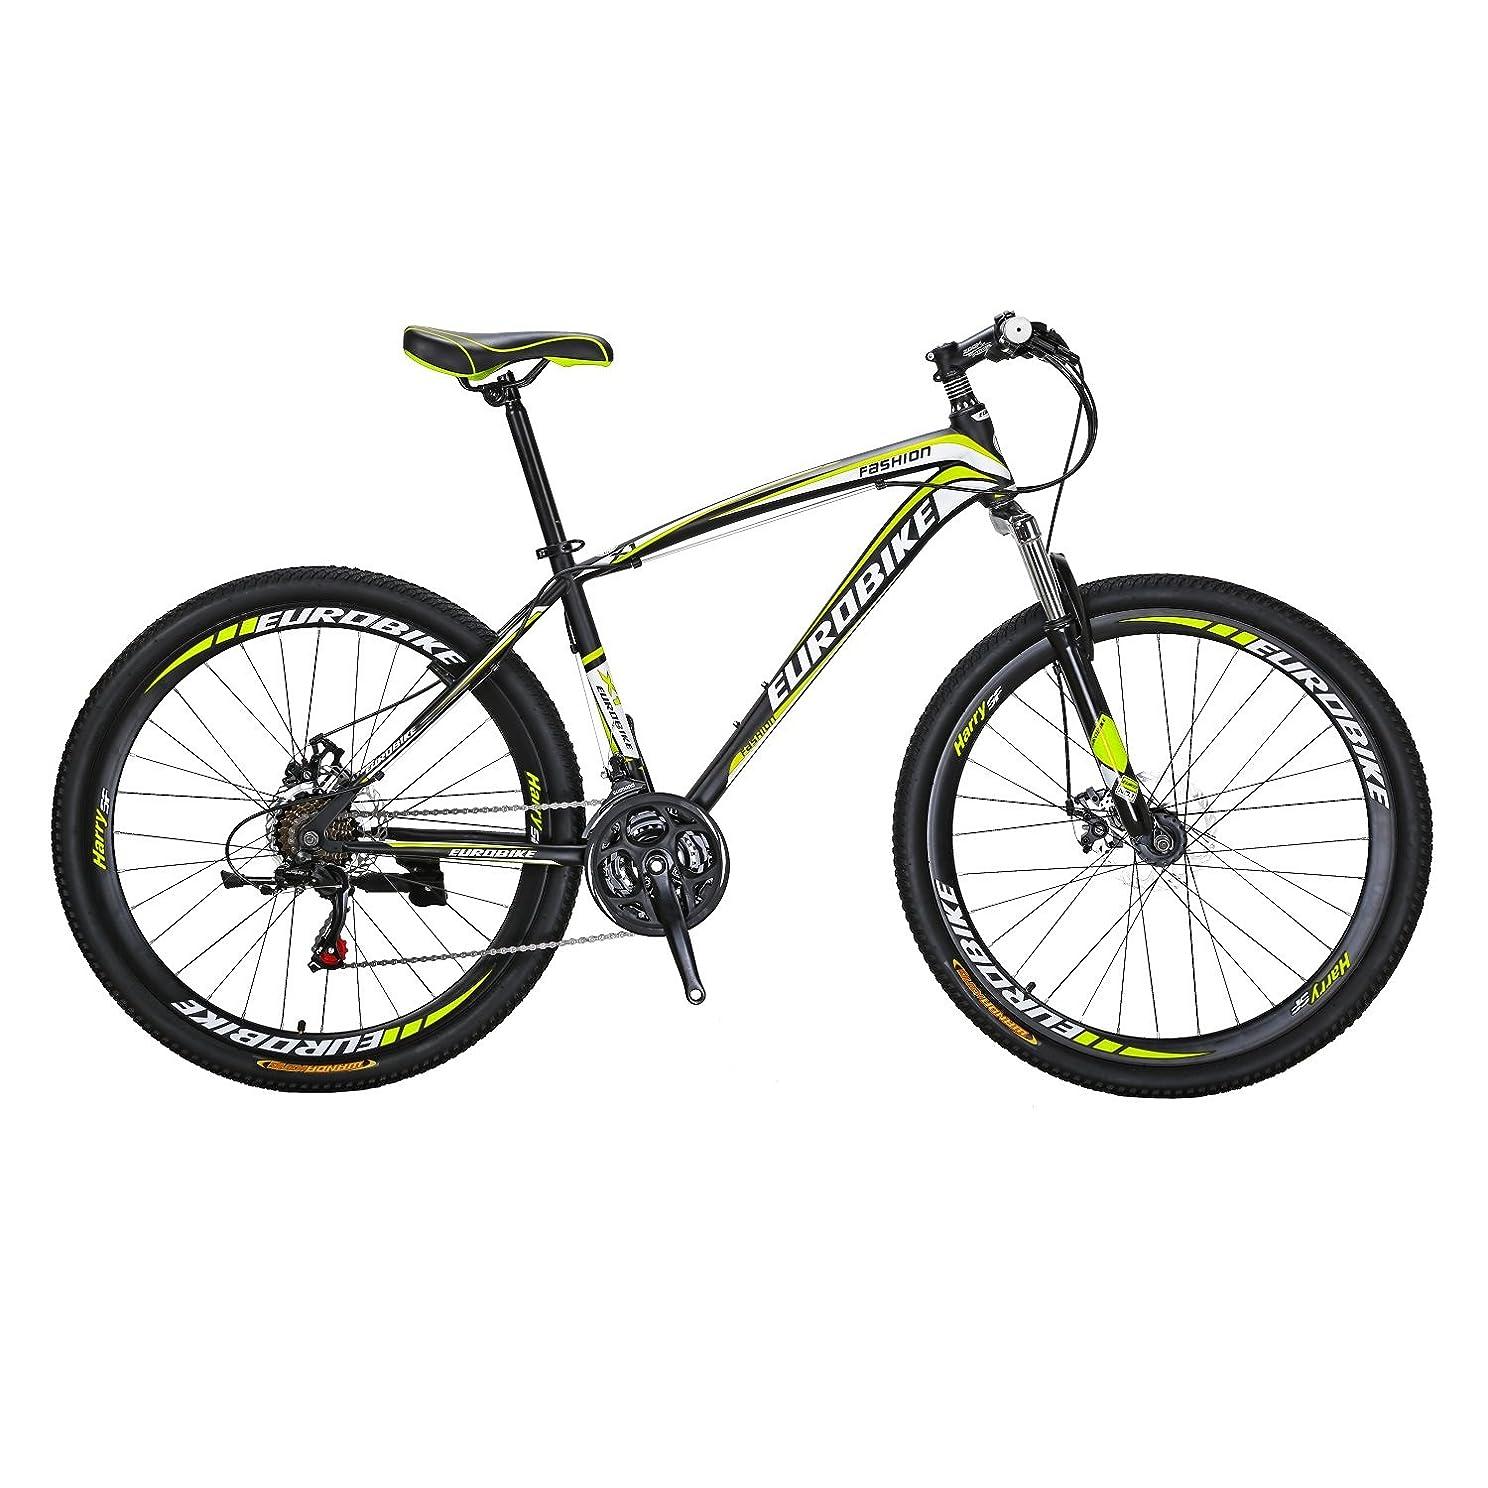 シマウマ回転させる飼料2019モデルSCR2黒緑 入手困難 高級品ジャイアント GIANTロードバイク約40%off